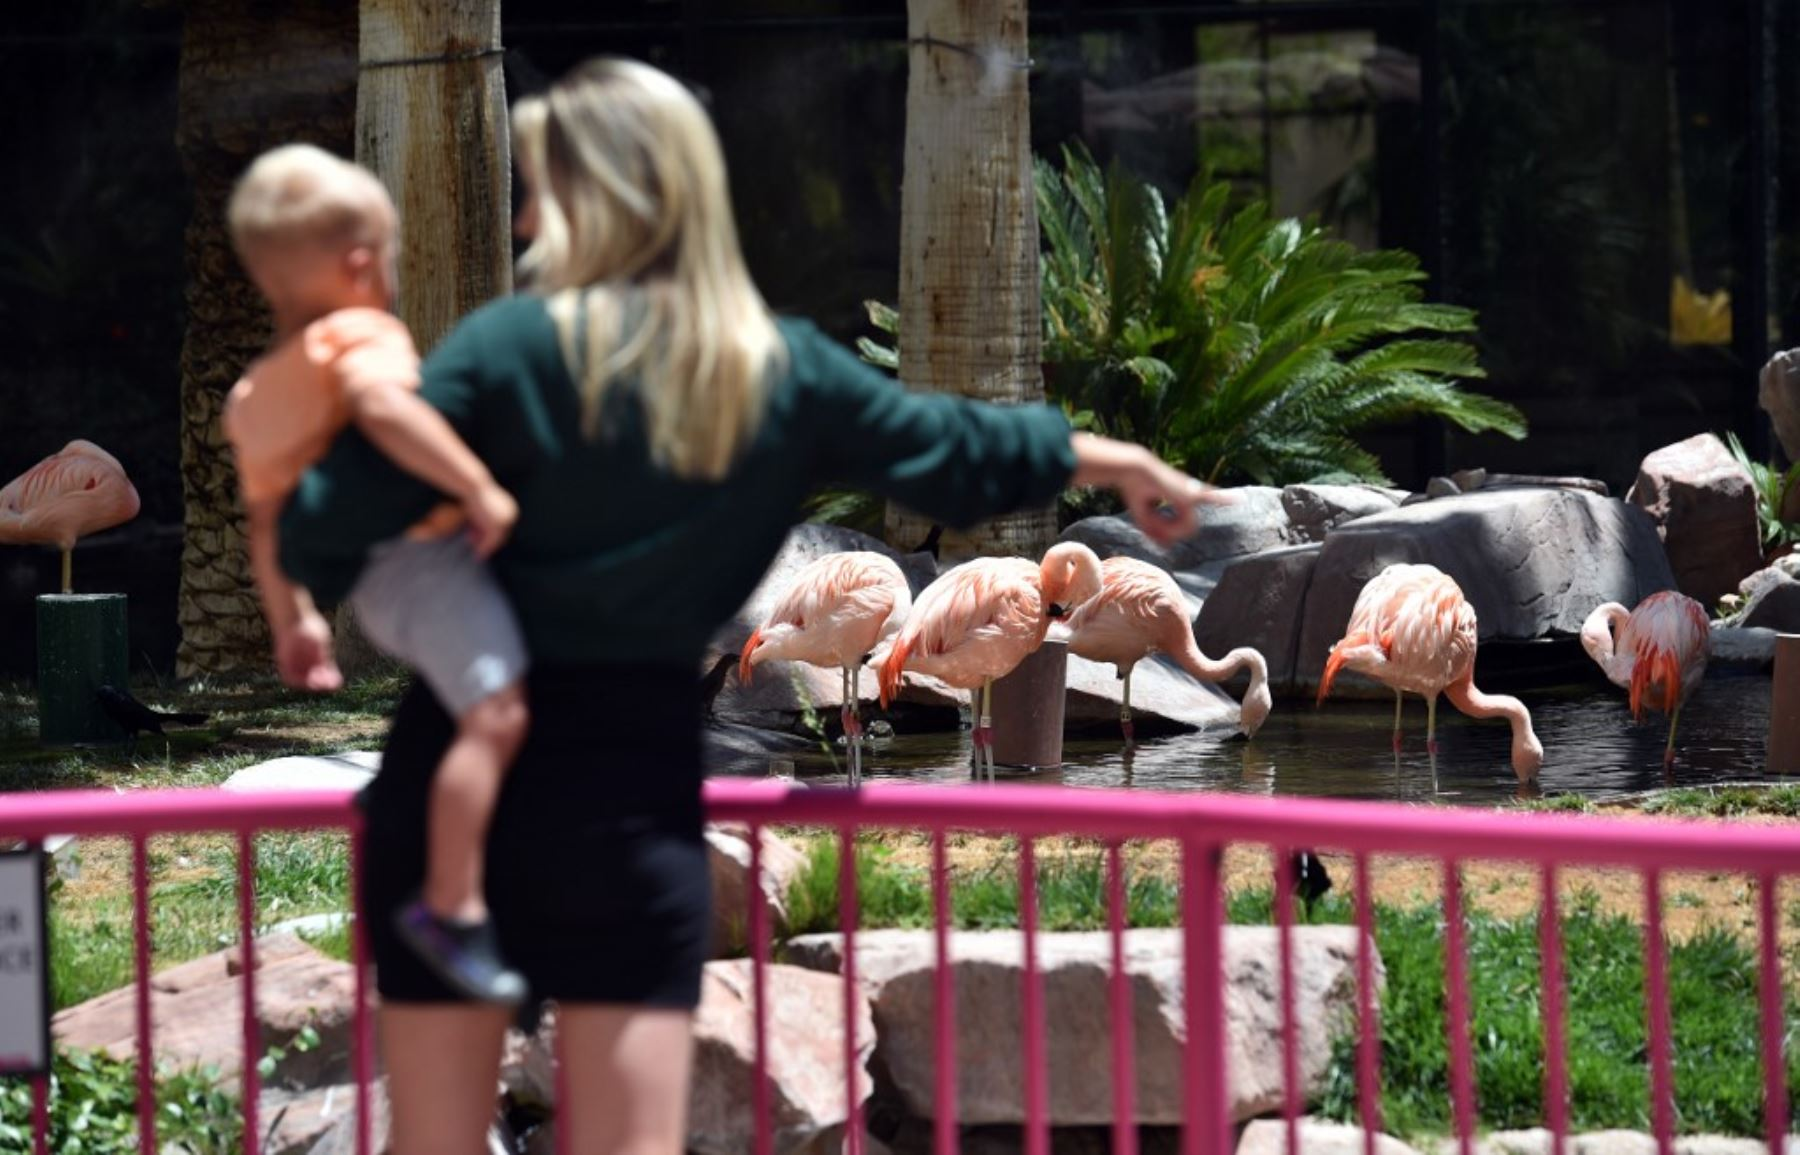 Marissa Kynaston de Nevada muestra a su hijo los flamencos en el Wildlife Habitat en Flamingo, Las Vegas. Foto: AFP